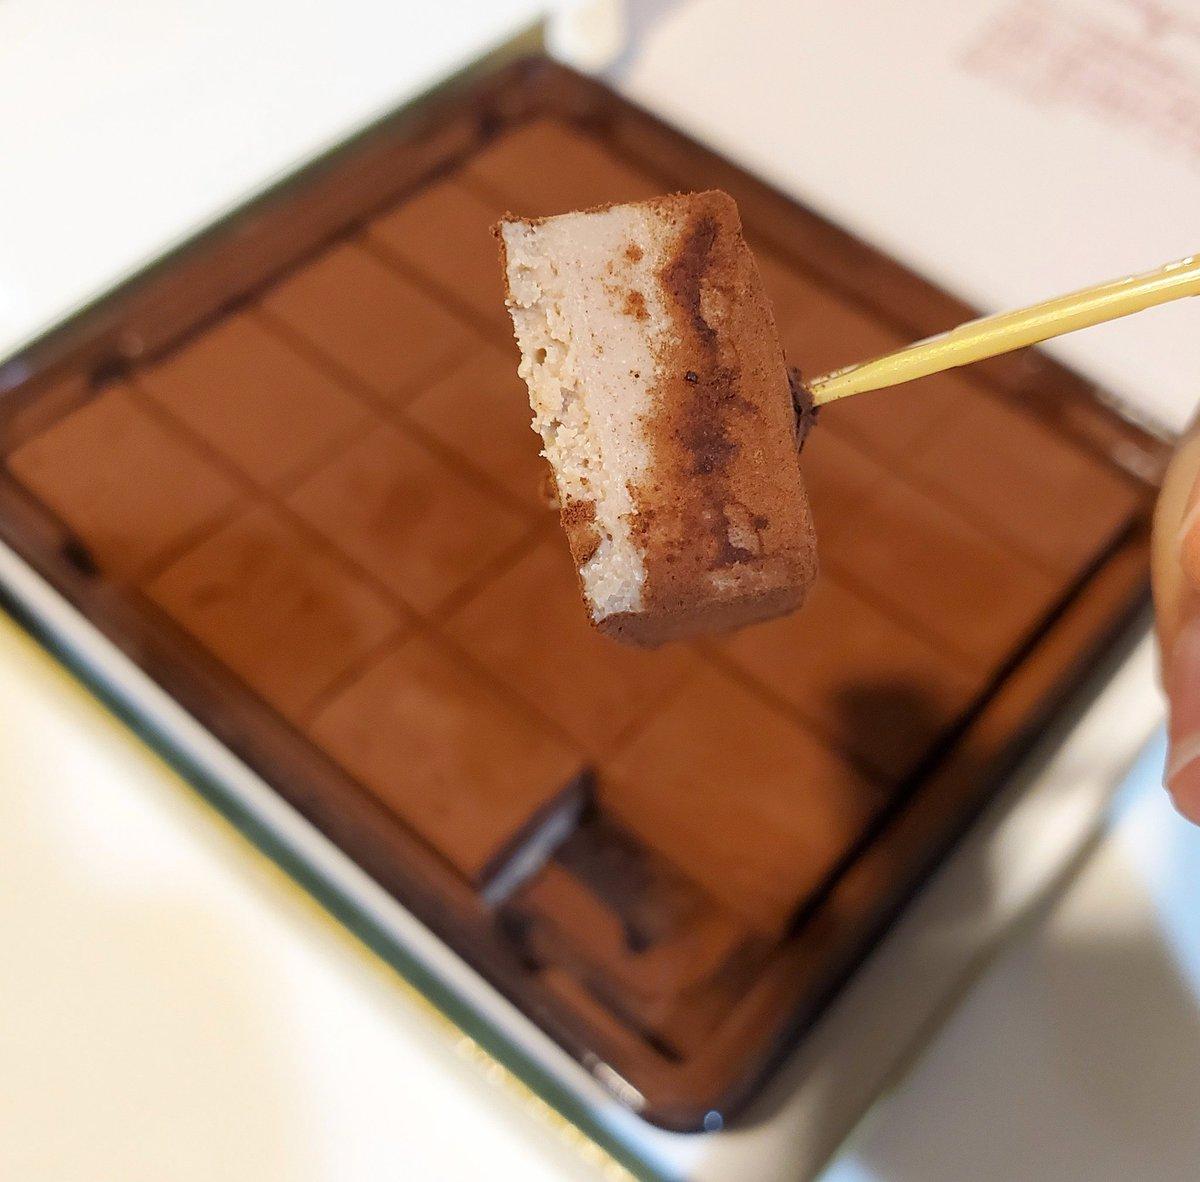 test ツイッターメディア - ロイズの生チョコ 栗!! ココアパウダーのほろ苦さとチョコレートの甘さの後に、ほっくり栗の甘味が来る〜! 意外に甘すぎない。 おいし〜〜っっ(*´ω`*) https://t.co/JXyTyt73Vb